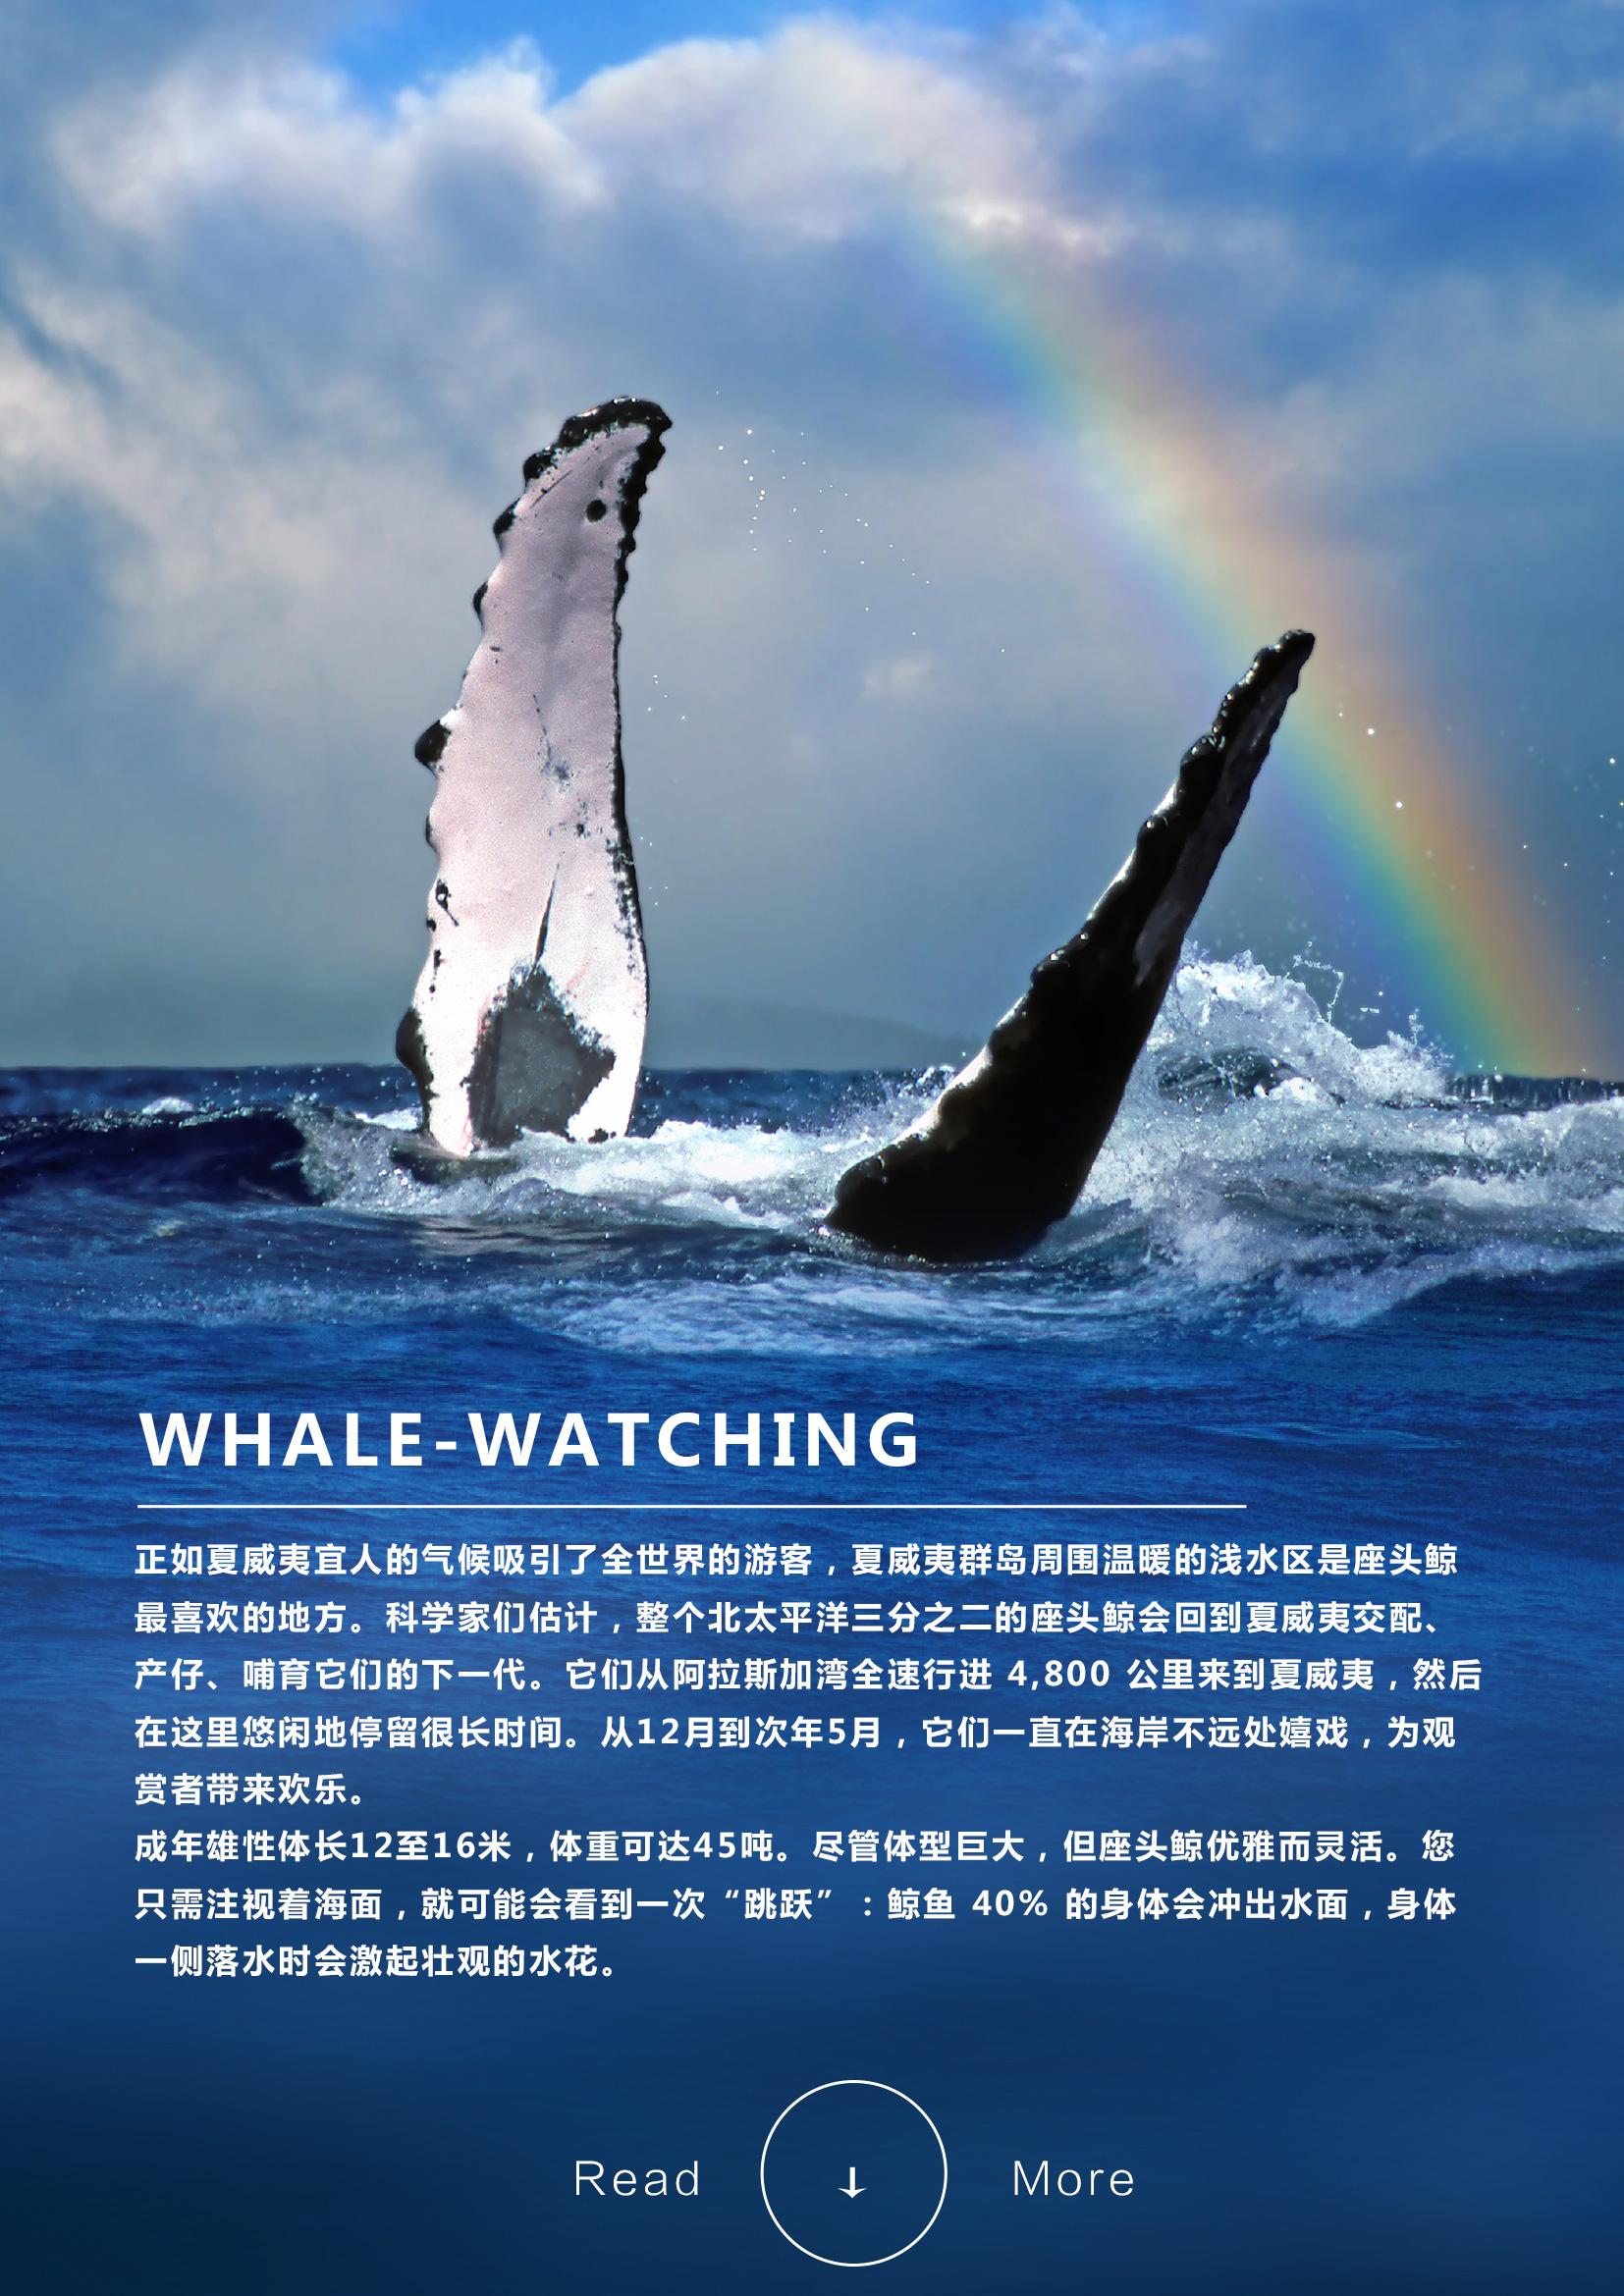 火山探秘——夏威夷欧胡岛+大岛深度7日天堂绝景之旅Whale-watching.jpg